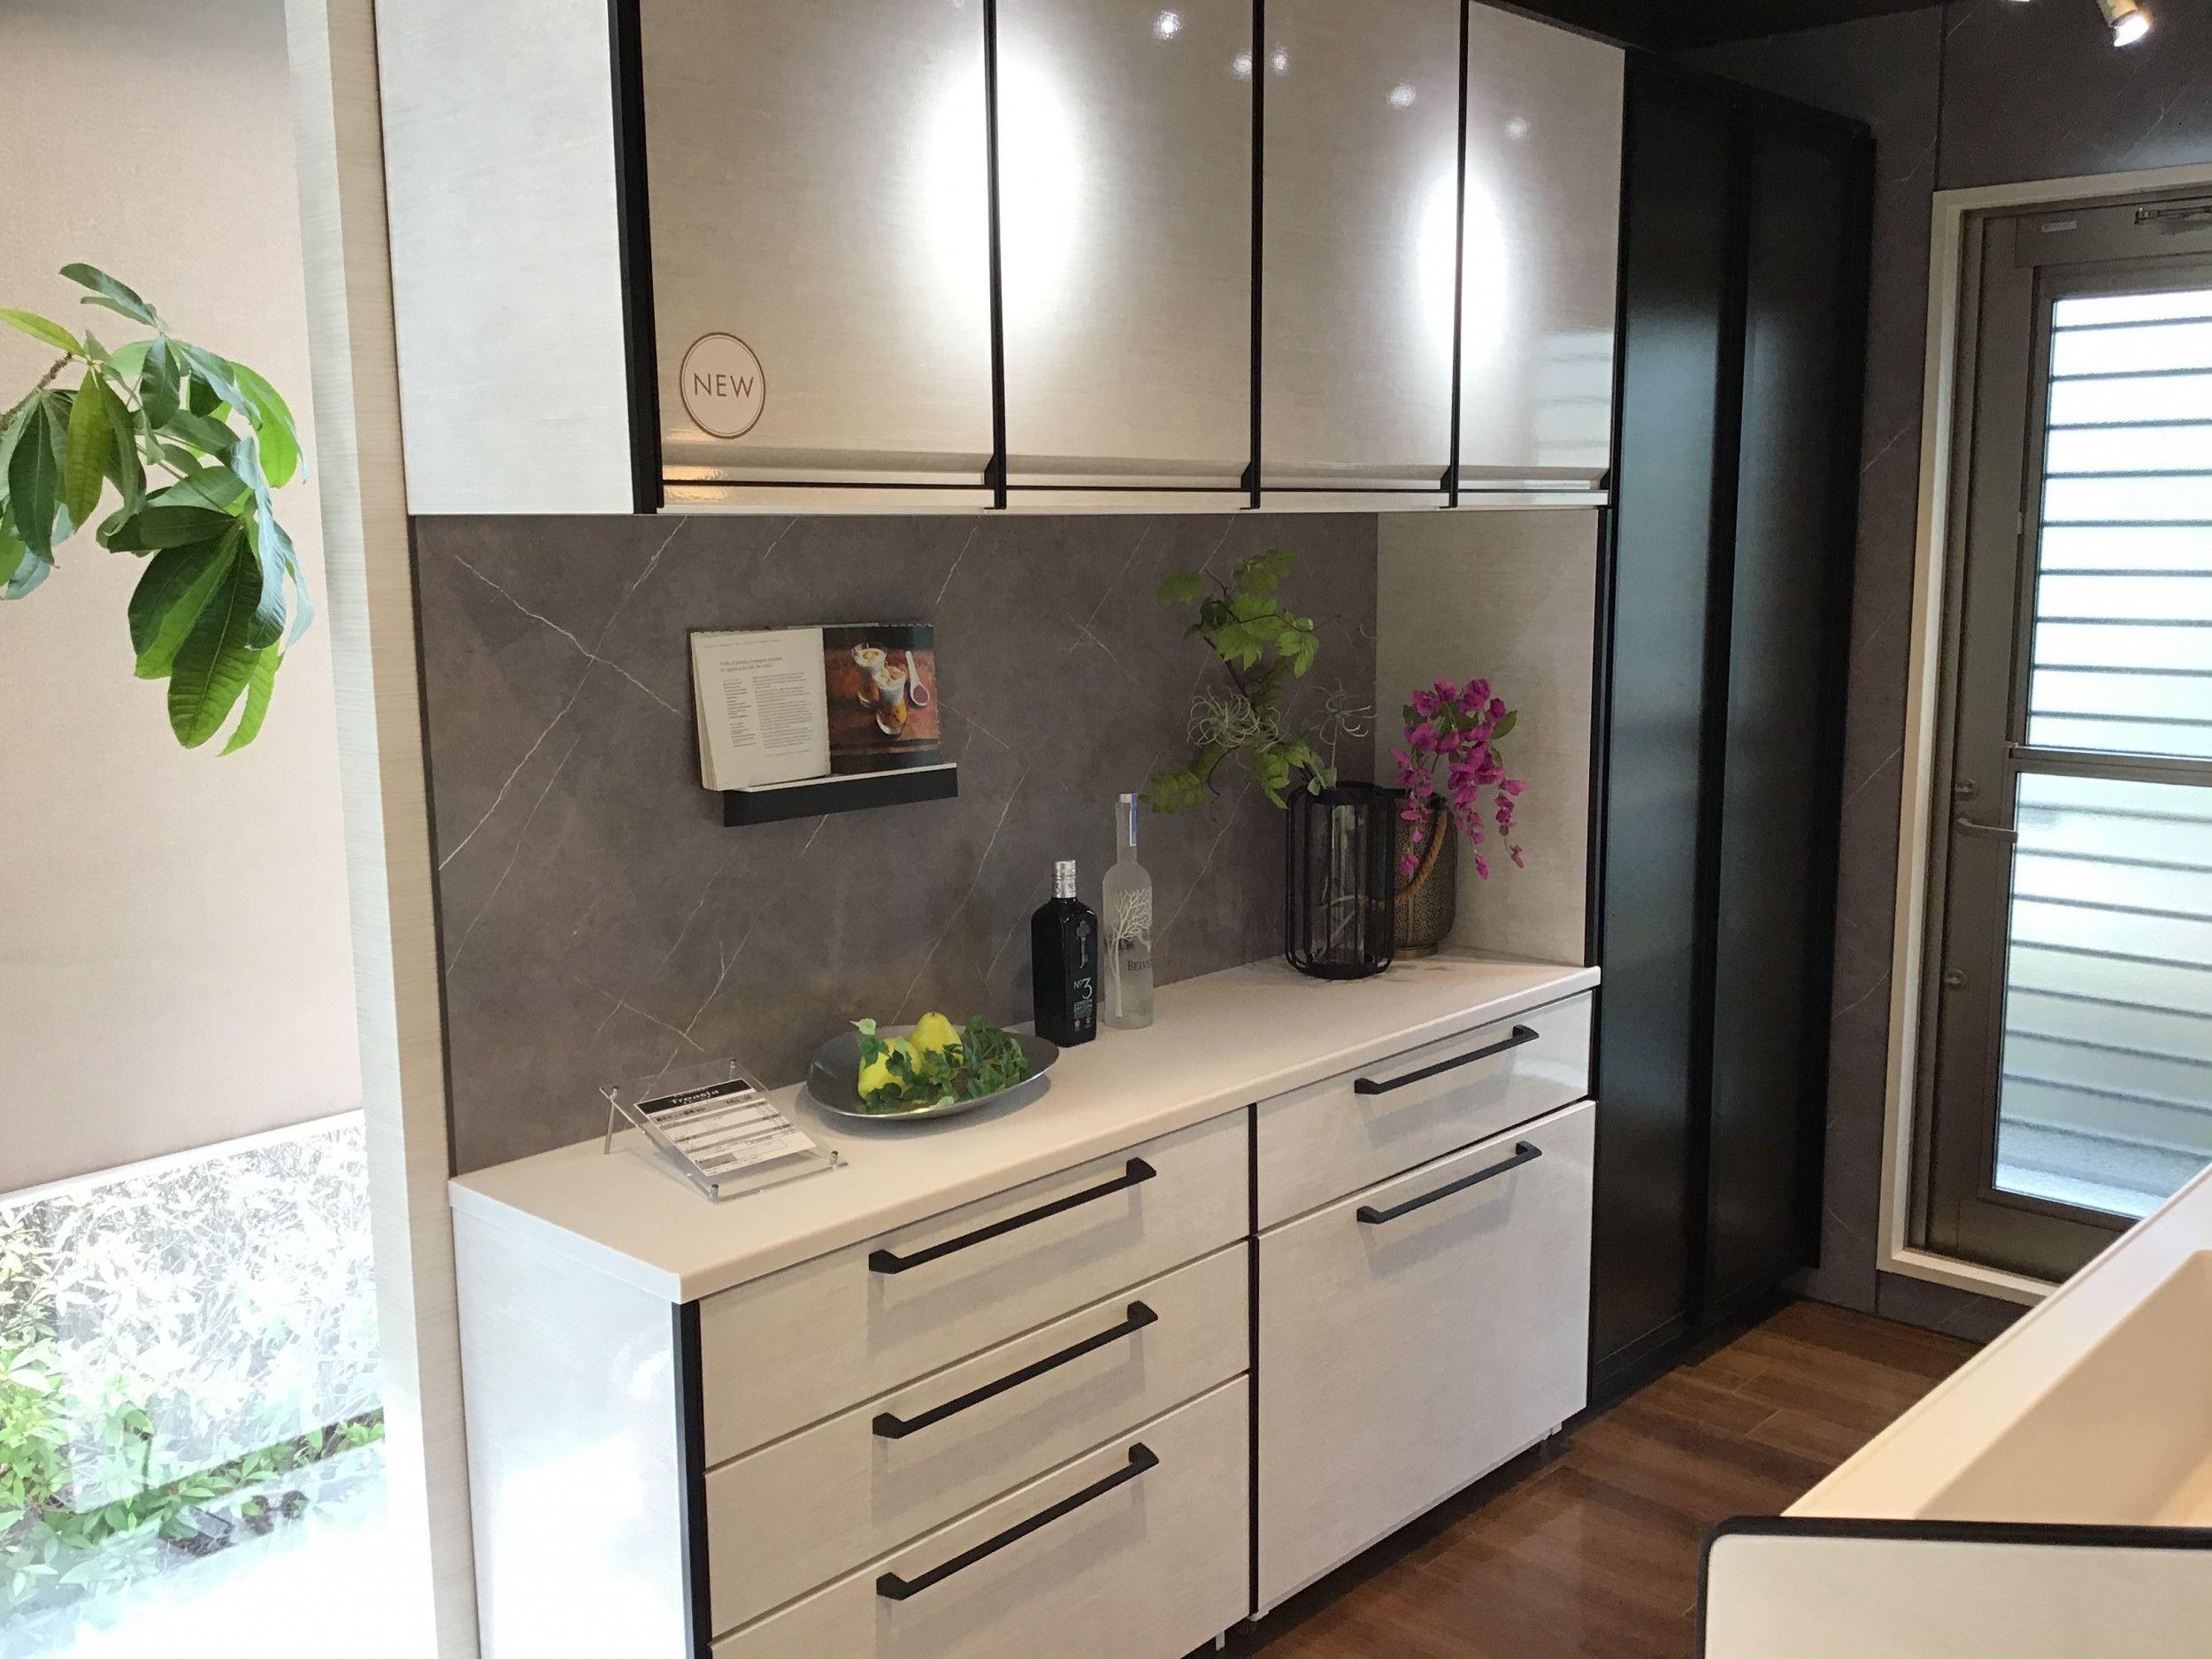 キッチン トレーシア I型 ペニンシュラ型 対面式 レイアウトの設置イメージ 神戸ショールーム タカラスタンダード 2020 タカラスタンダード システムキッチン インテリア 収納